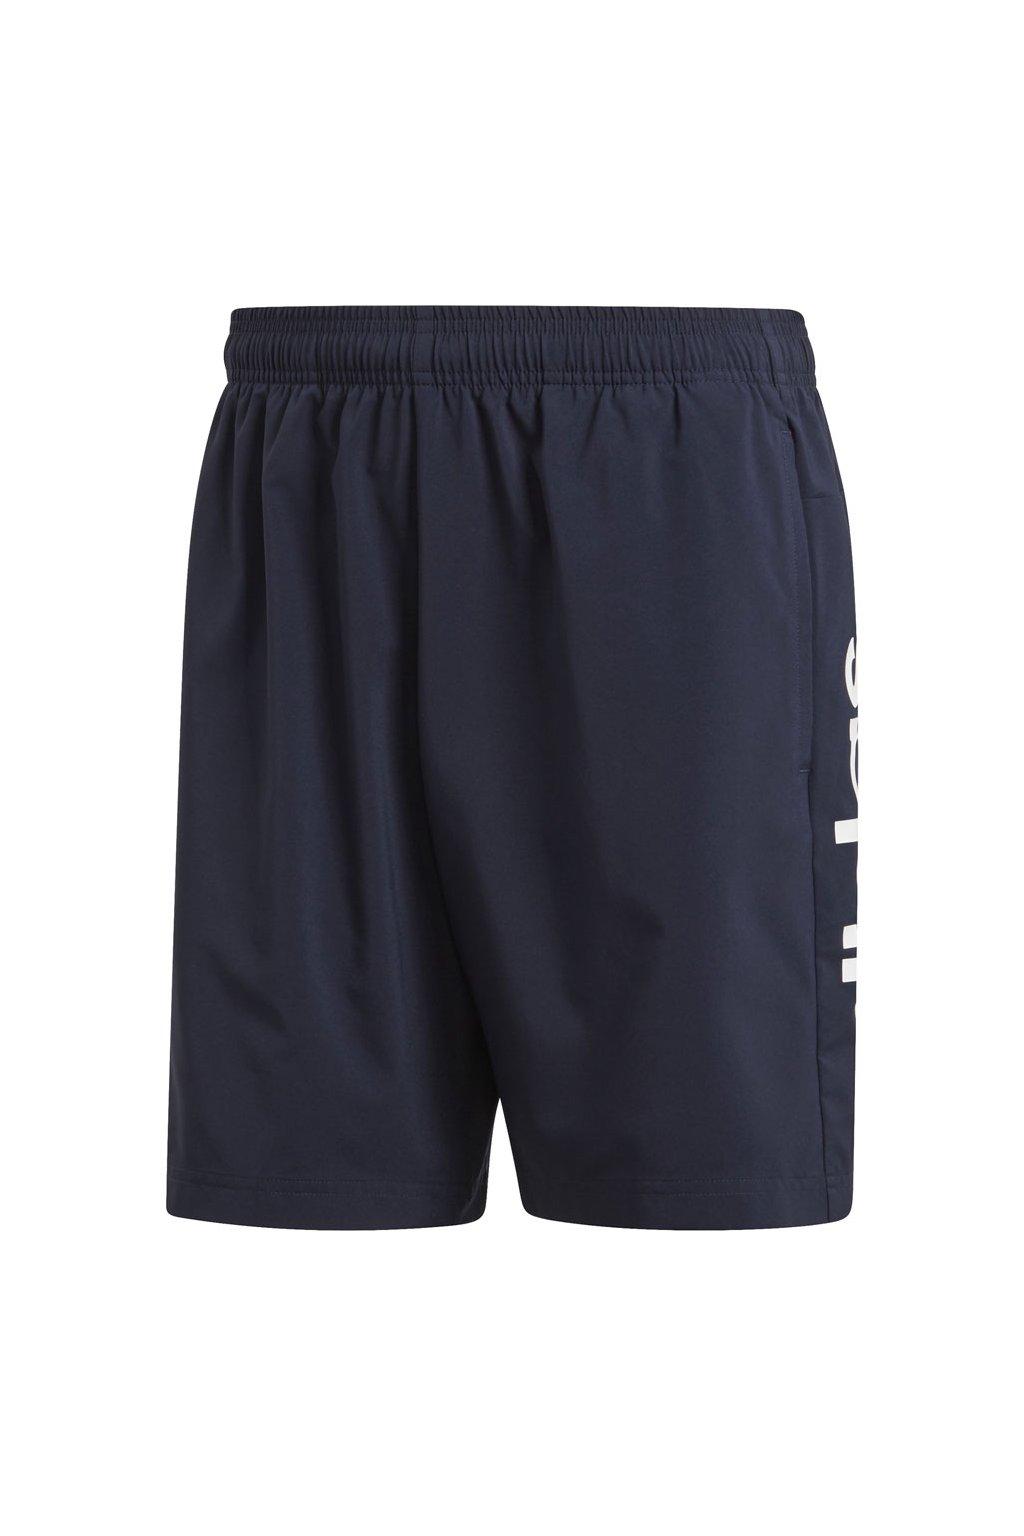 Pánske šortky Adidas Essentials Linear Chelsea navy blue DU0418